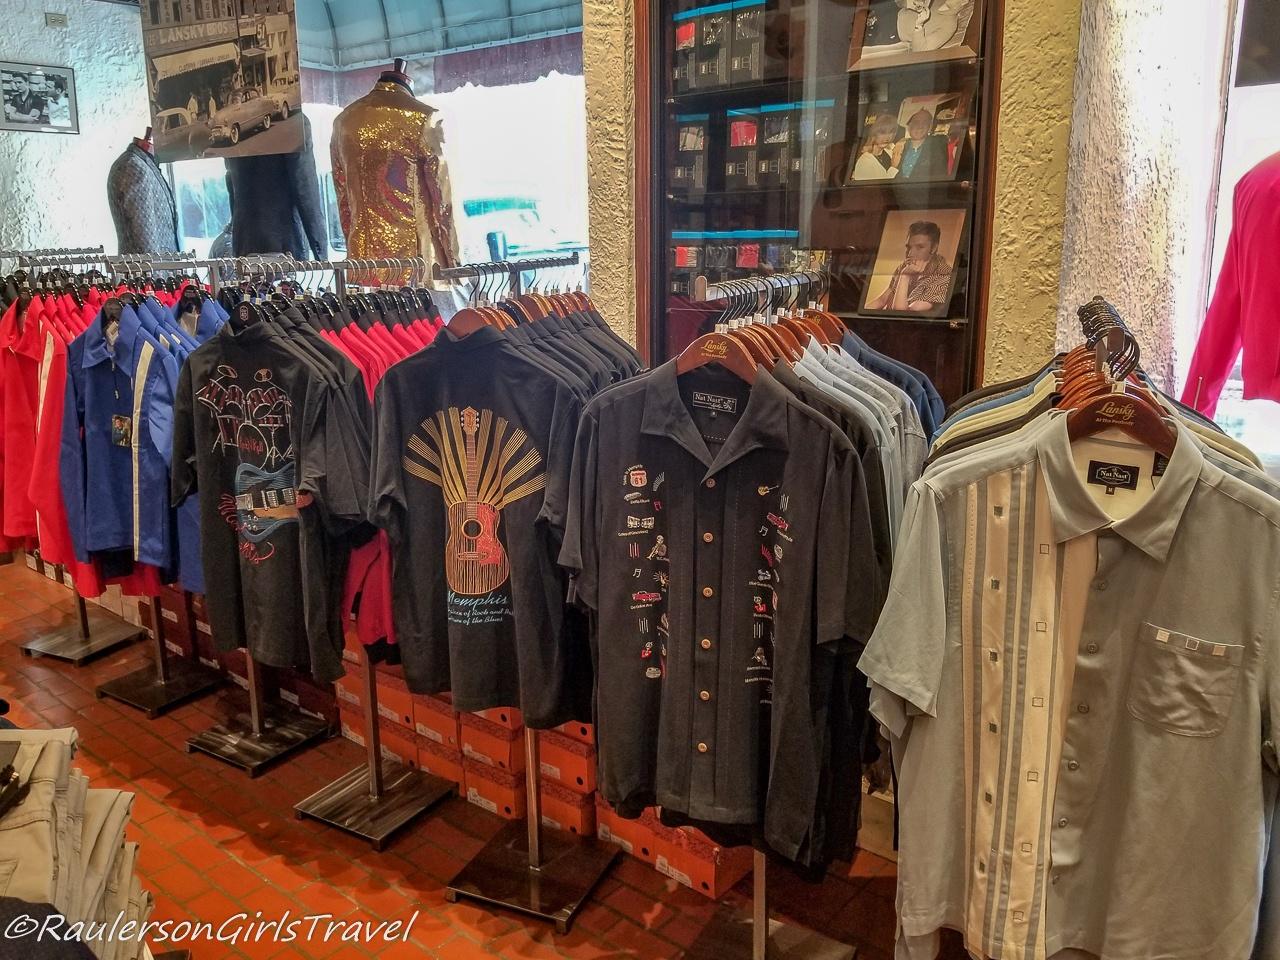 Jackets and shirts at Lansky Bros